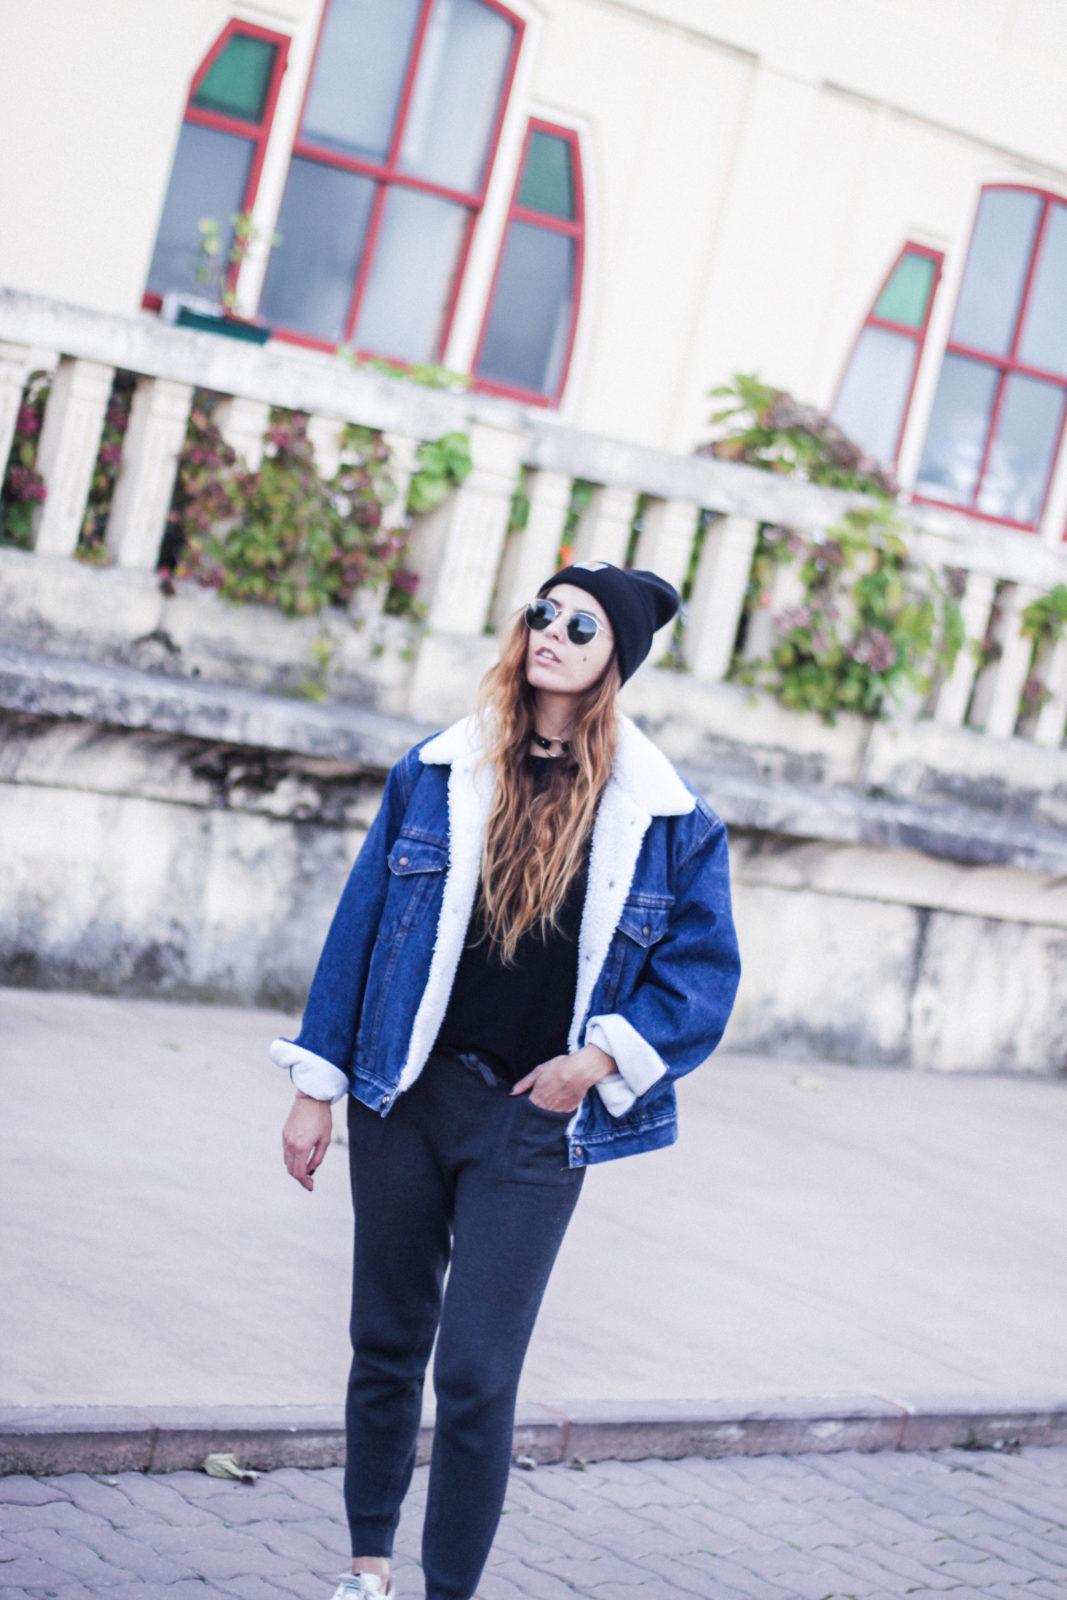 cazadora_vaquera_de_borreguillo_levis_vintage_golden_goose_gorrito_beanie_tendencias_2016_fall_trends_street_style_choker_donkeycool-31